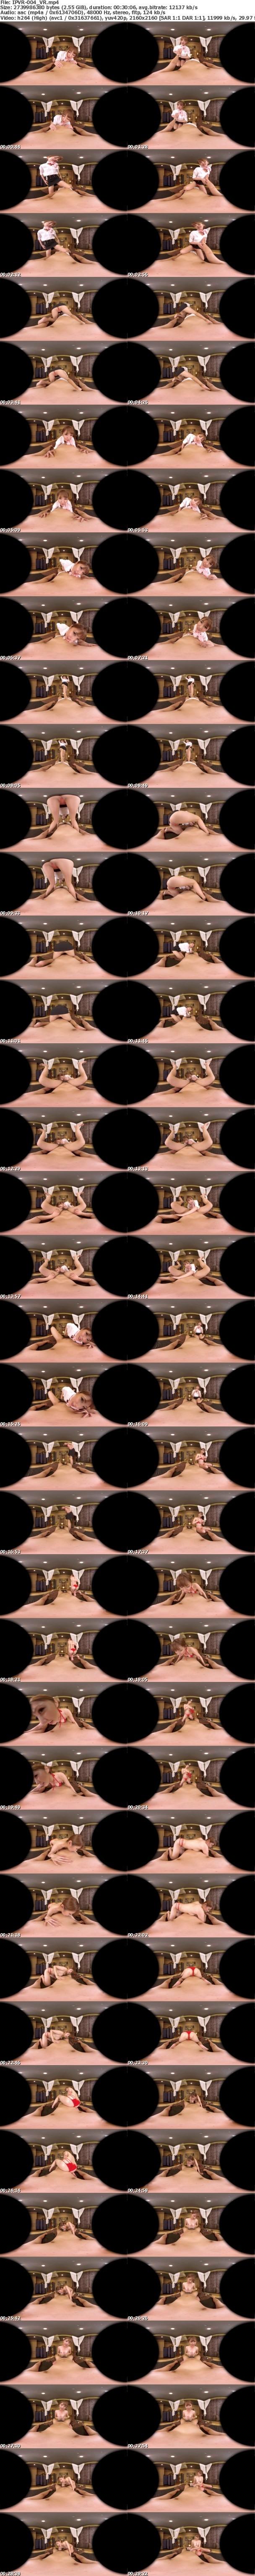 VR/3D IPVR-004 【VR】3D VR 天海つばさの超密着型M性感 手コキ!フェラ!パイズリ!「つばさ」の凄テクでザーメン暴発!?